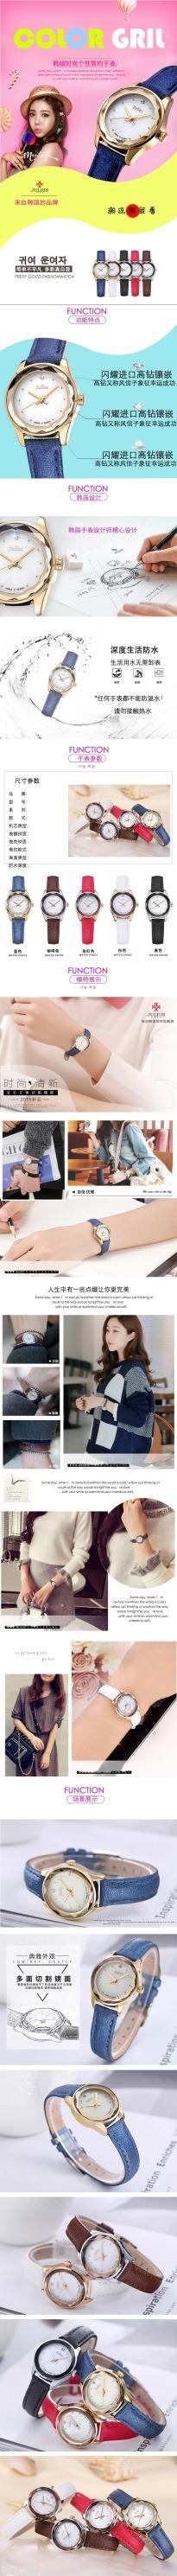 浪漫温馨时尚手表电商详情图